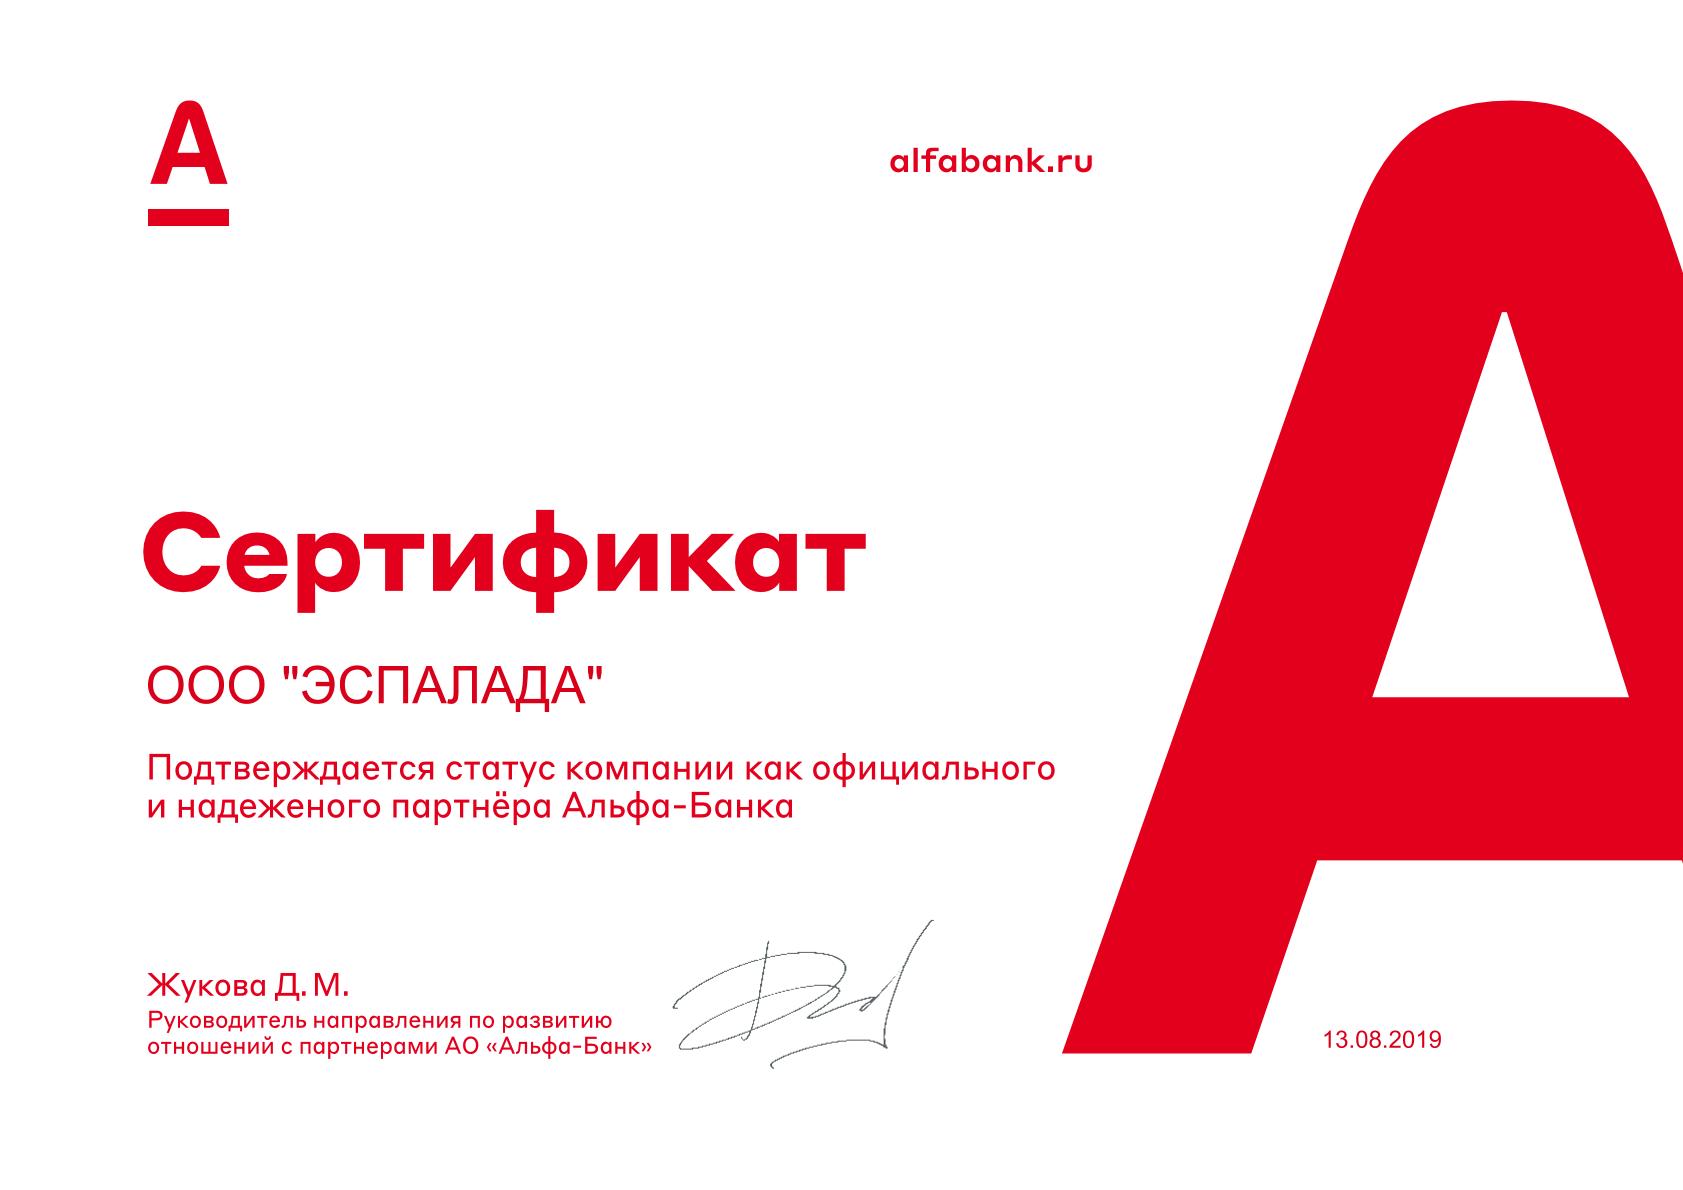 Сертификат от Альфа-Банка